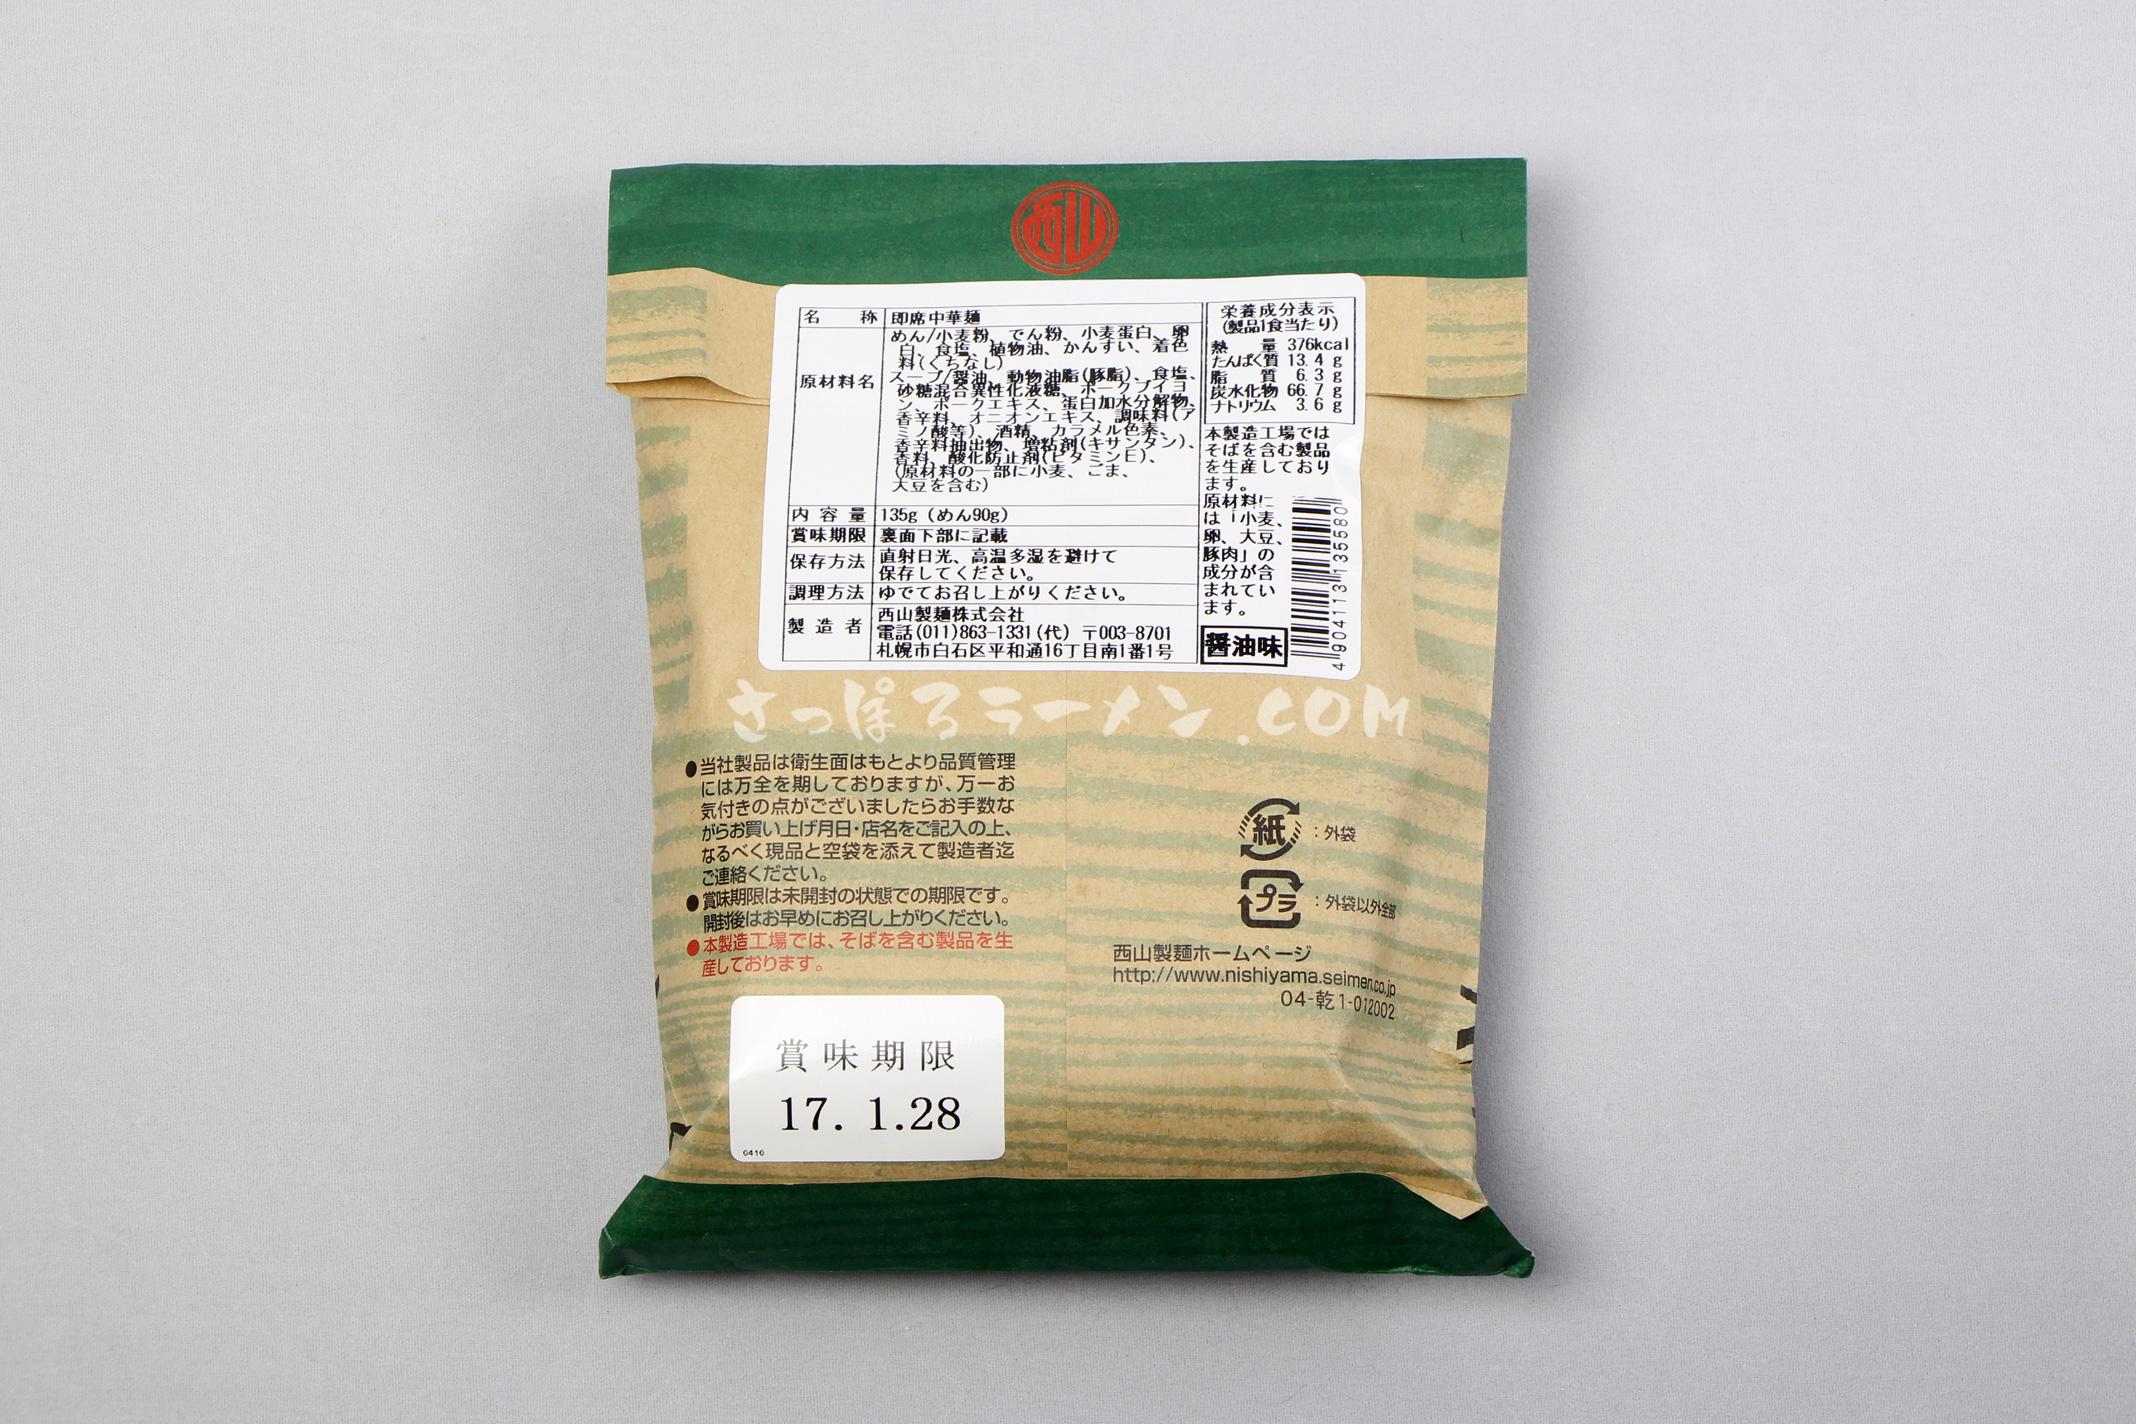 「札幌名産 西山ラーメン 乾燥 札幌 しょうゆ味(1食入)」(西山製麺)のパッケージ(裏)